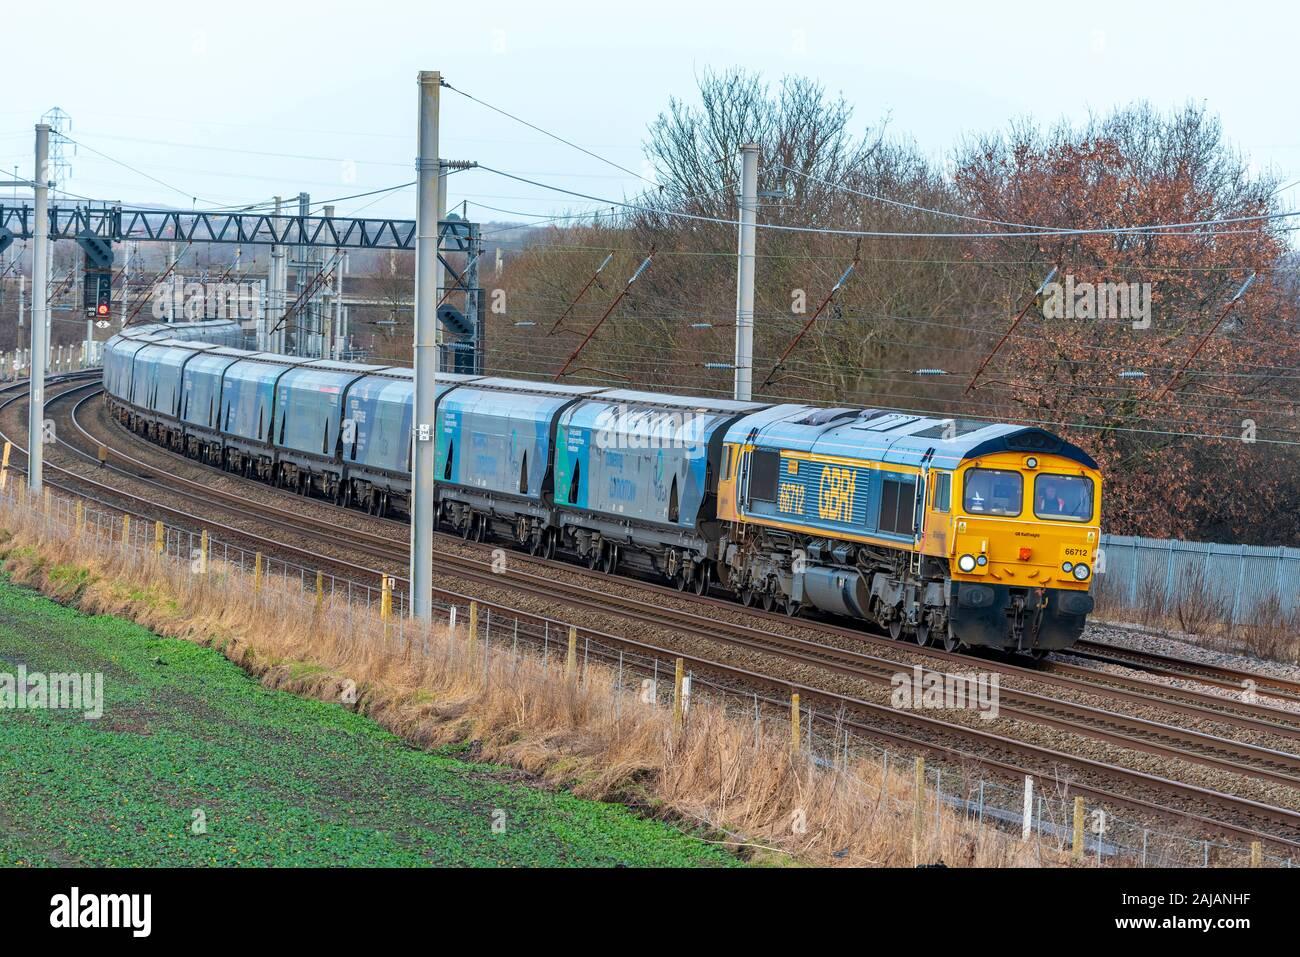 Drax powerstation biomasa arrastrados por tren clase GBRf 66 locomotora eléctrica diesel en la línea principal de la Costa Oeste. Foto de stock